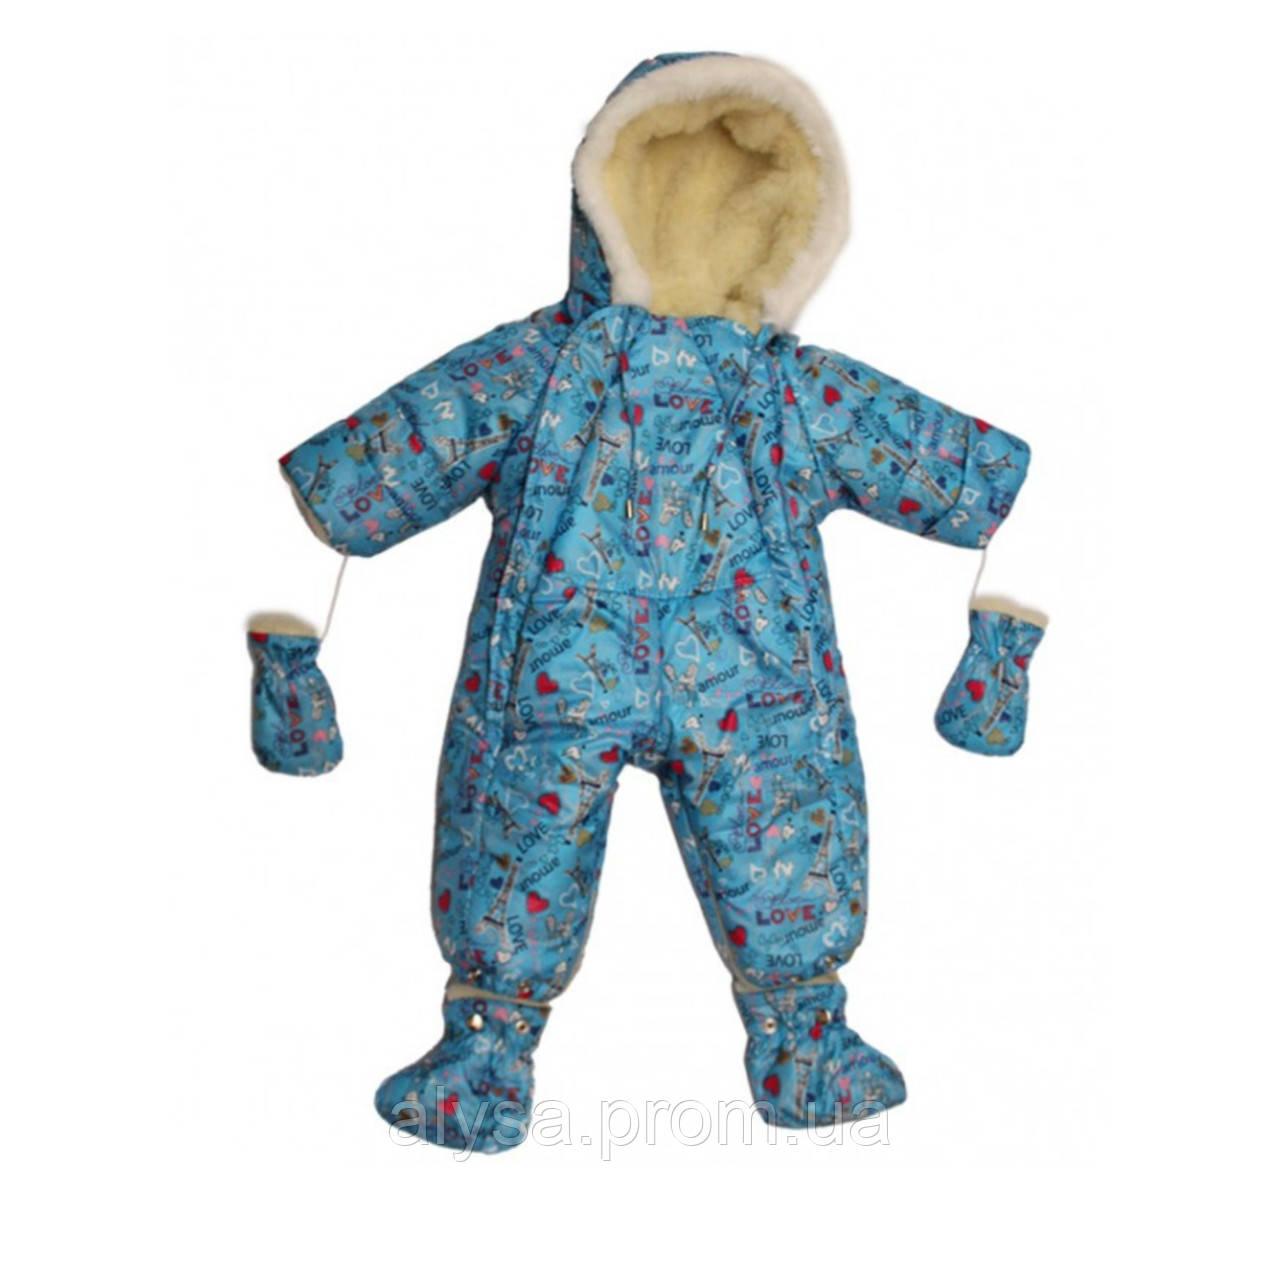 Детский зимний комбинезон-трансформер на овчине для мальчика Голубой